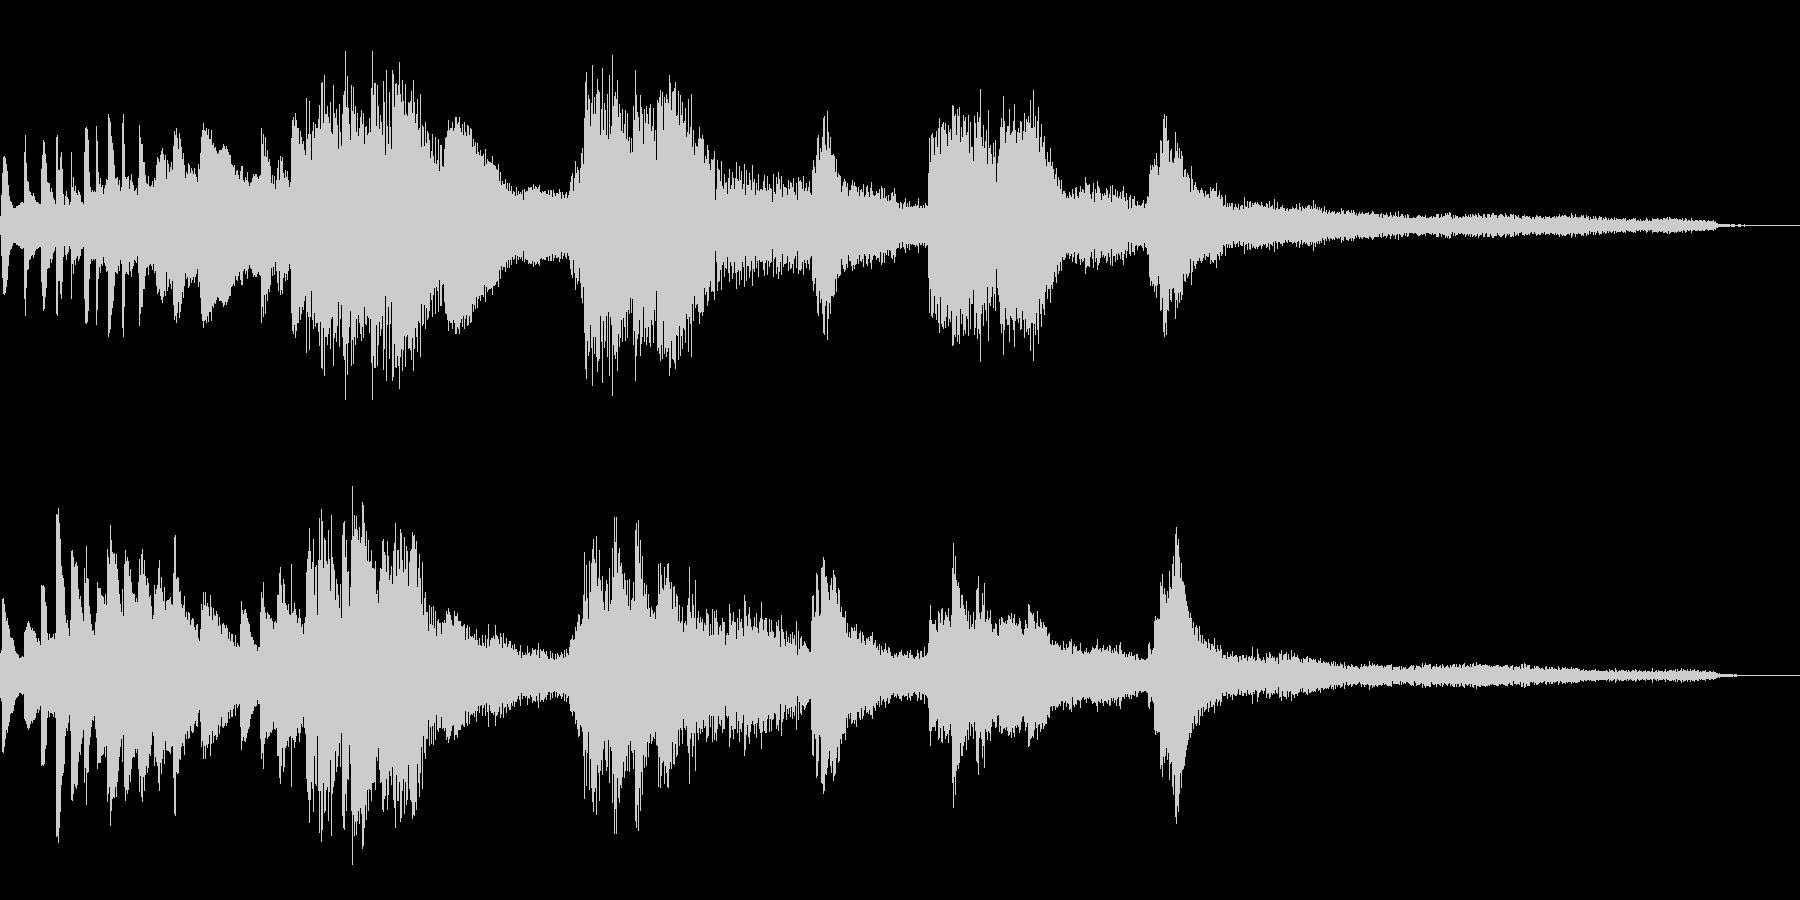 暗く静かな和風ジングル38-ピアノソロの未再生の波形